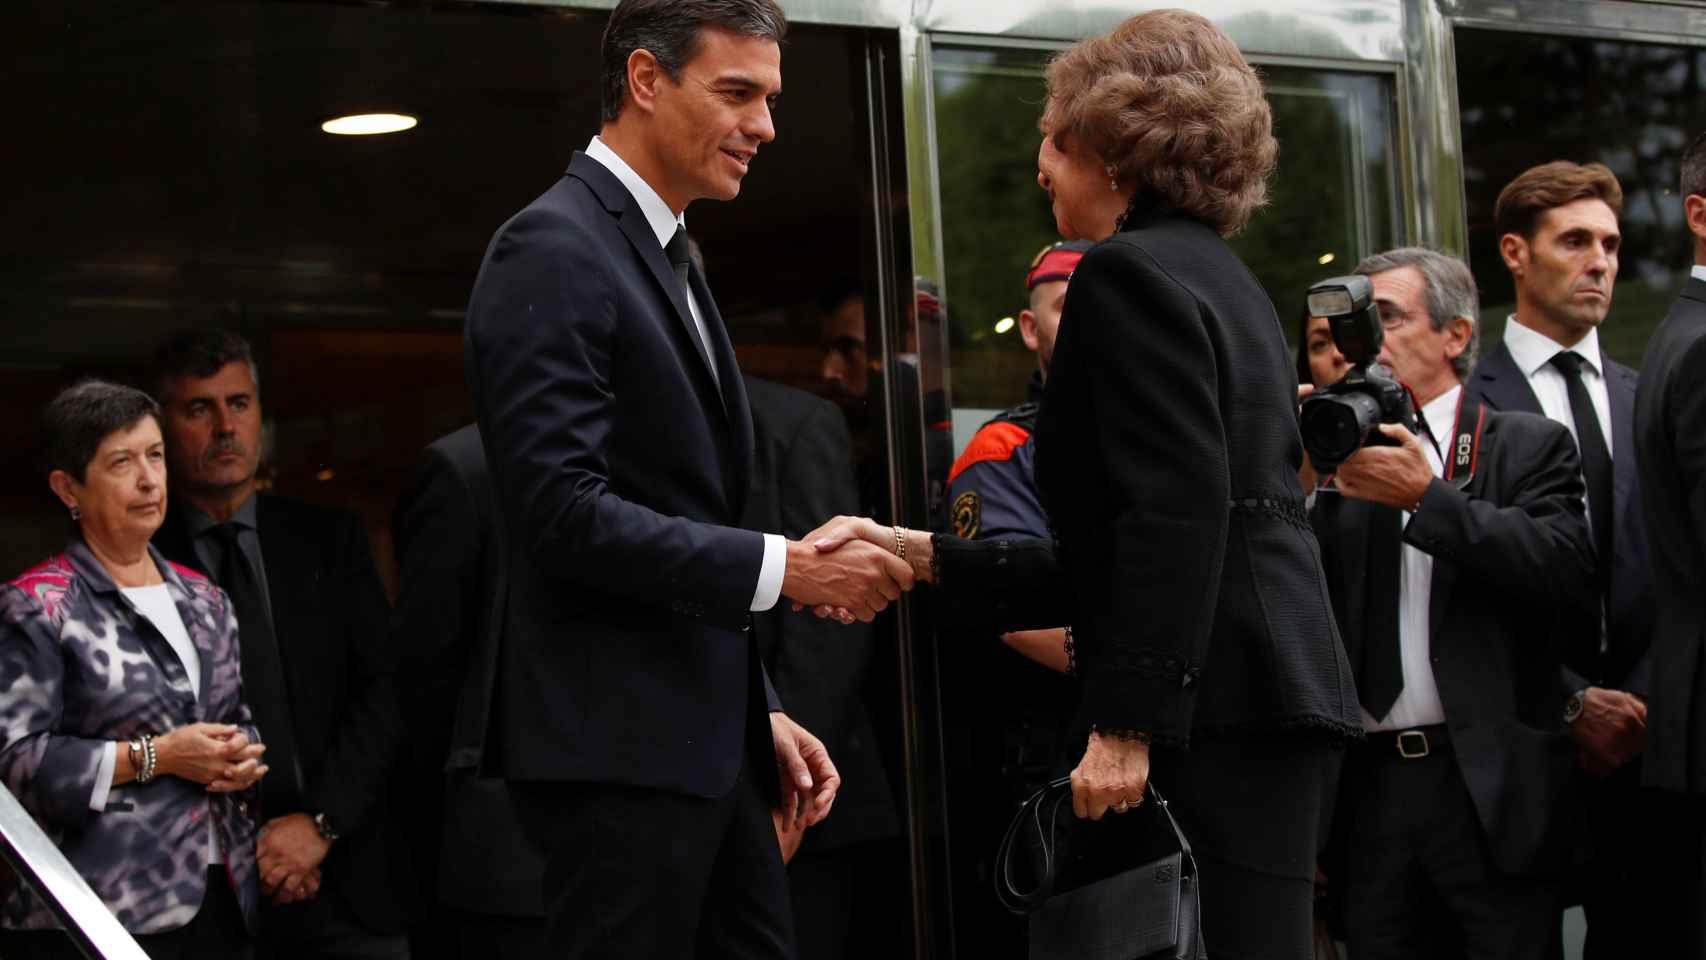 Pedro Sánchez saluda a la Reina Sofía durante el funeral Montserrat Caballé